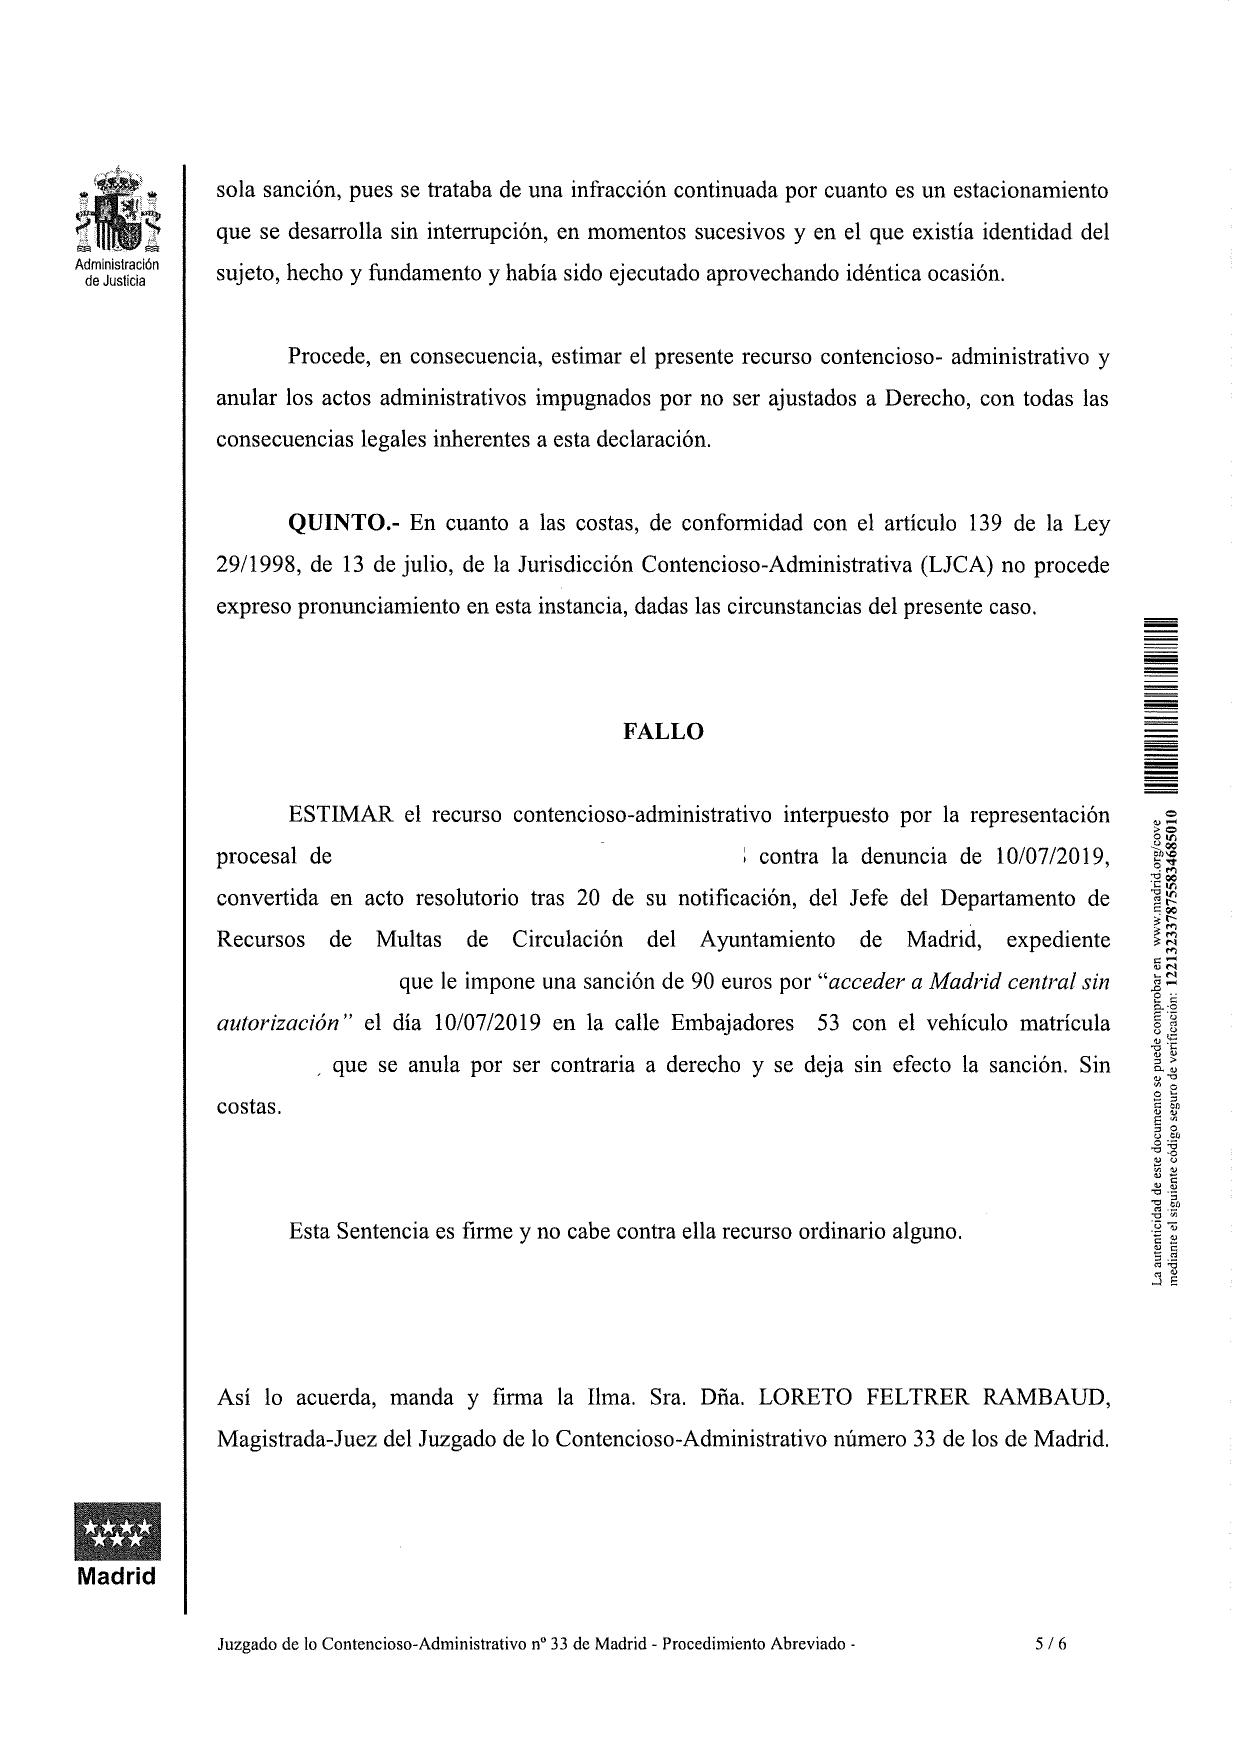 INFRACCIÓN-CONTINUADA_page-0005